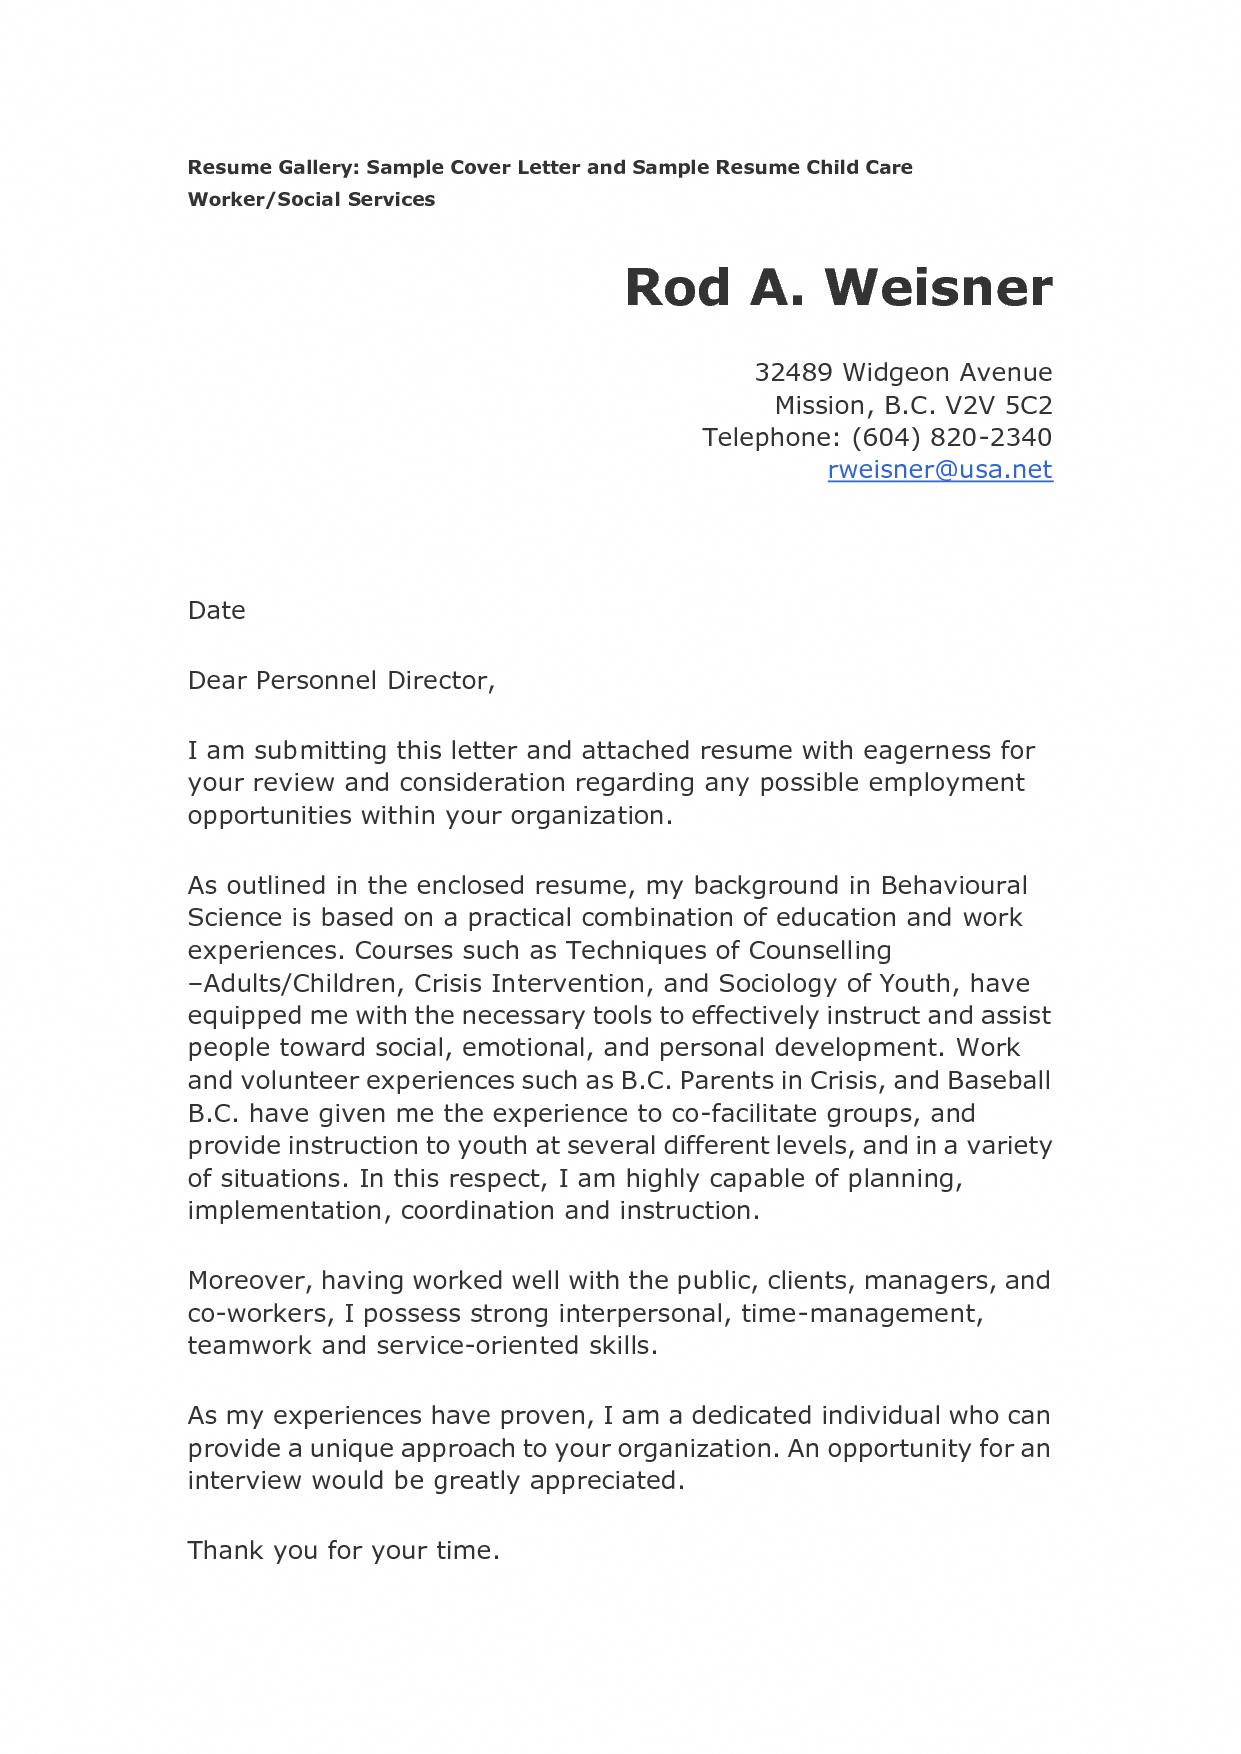 Child Care Cover Letter Australia